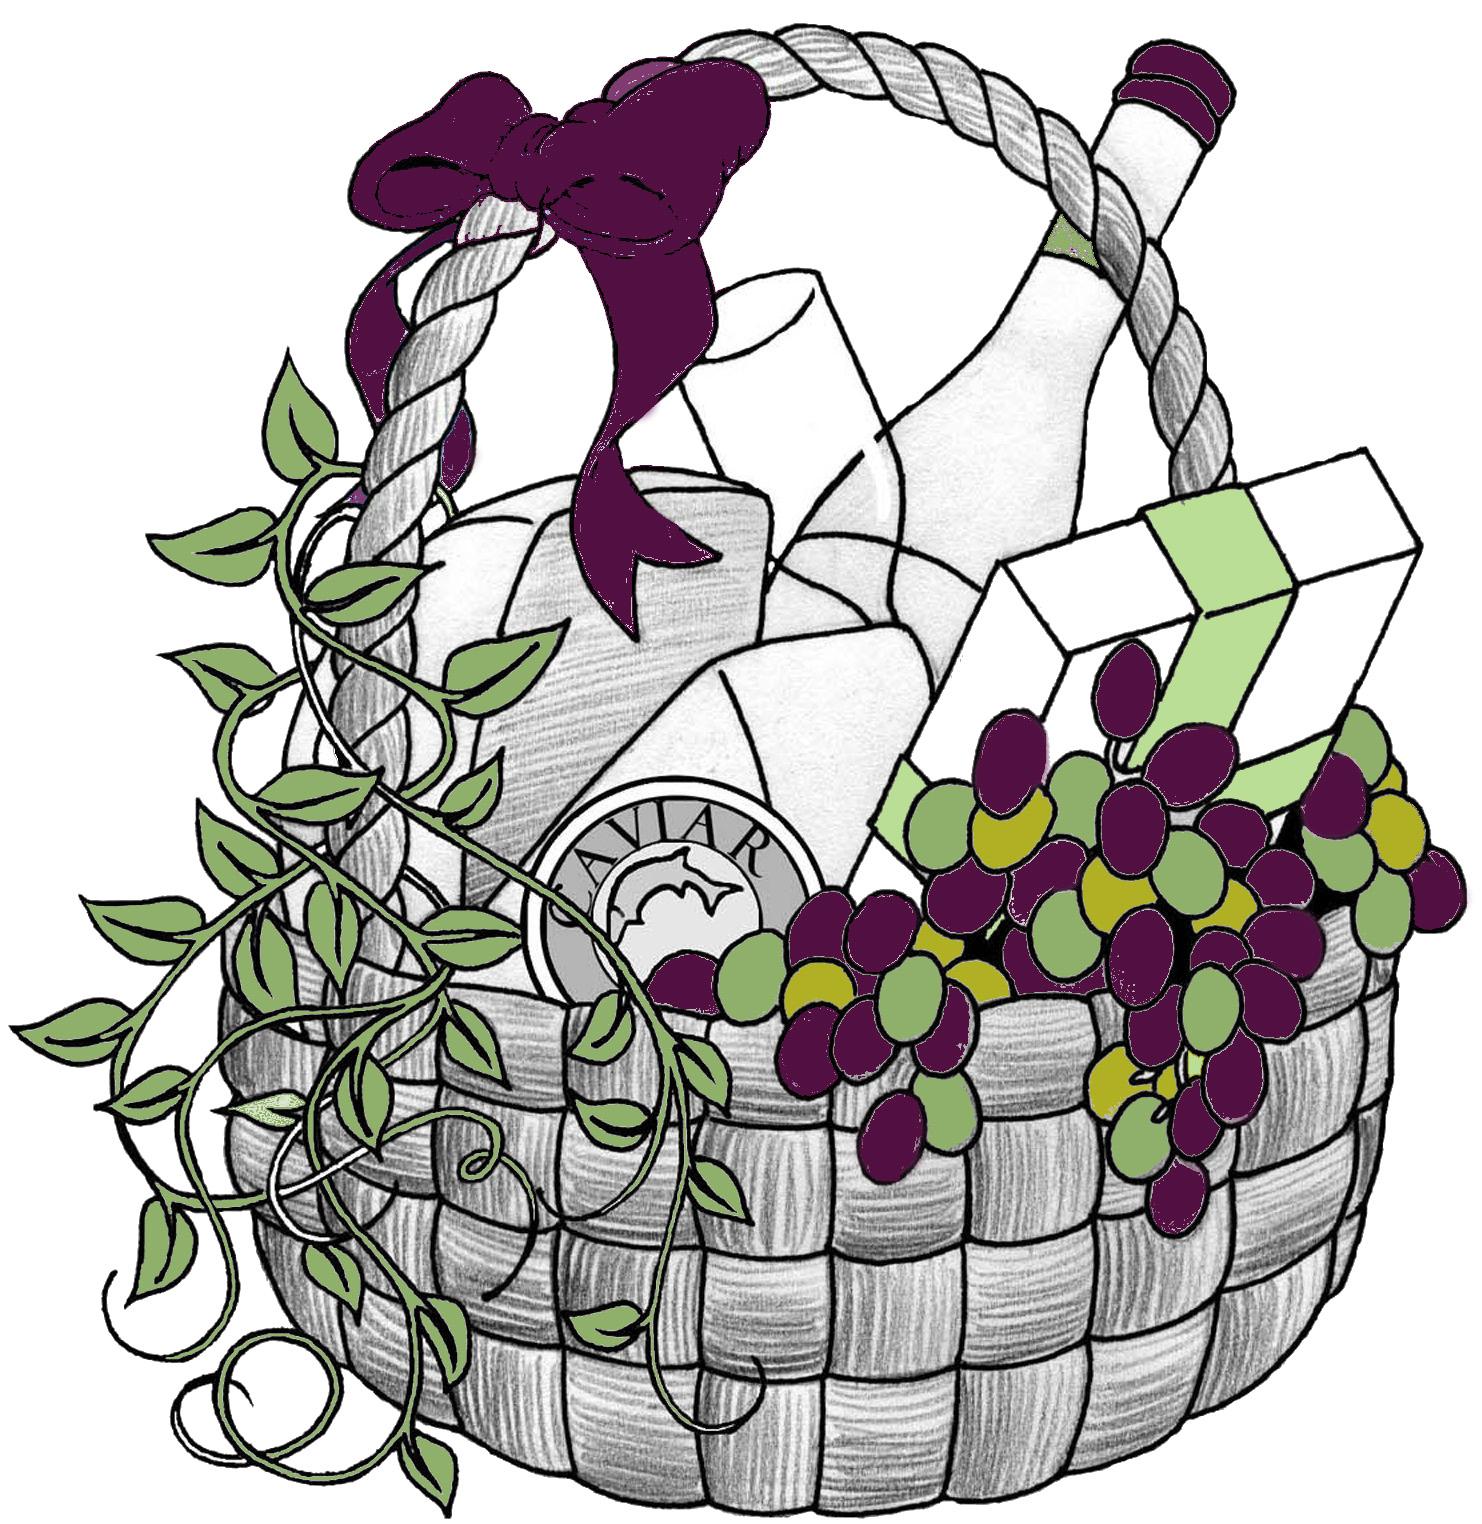 gift-basket-png-for-baskets-c - Gift Basket Clipart